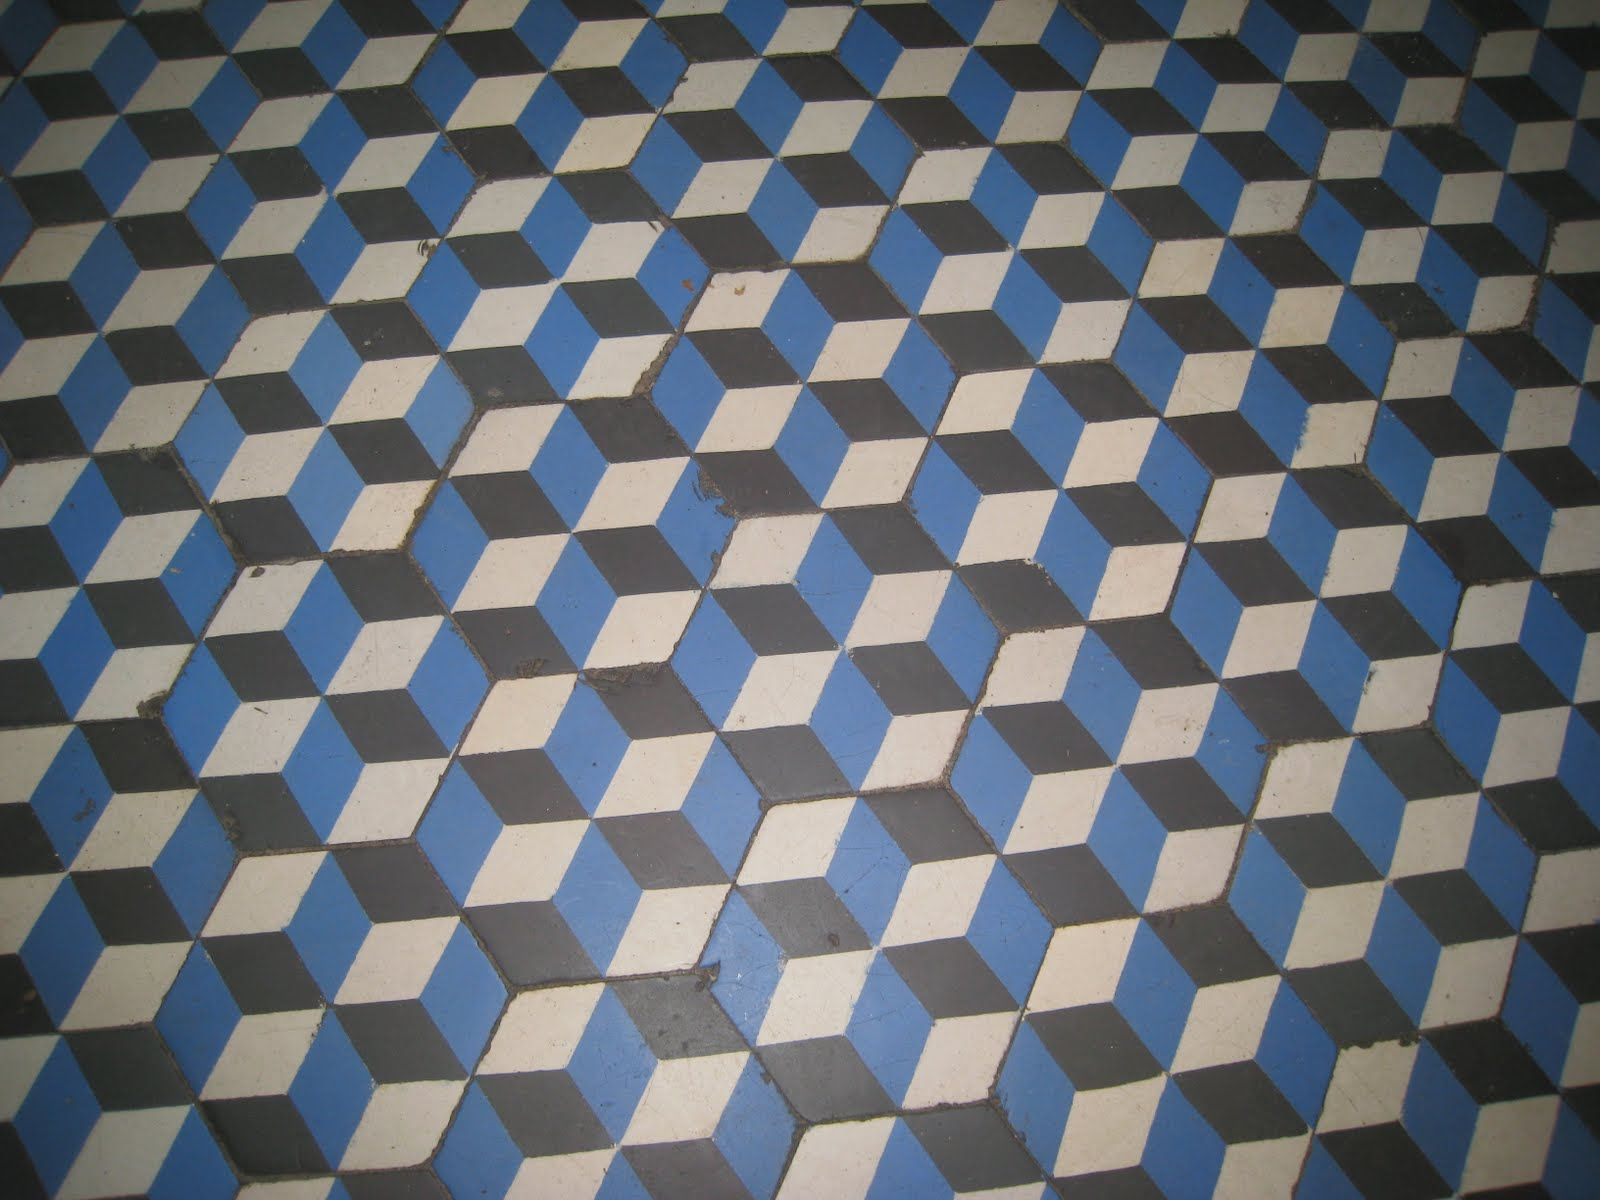 Beautiful Parisian Geometric Mosaic Floor